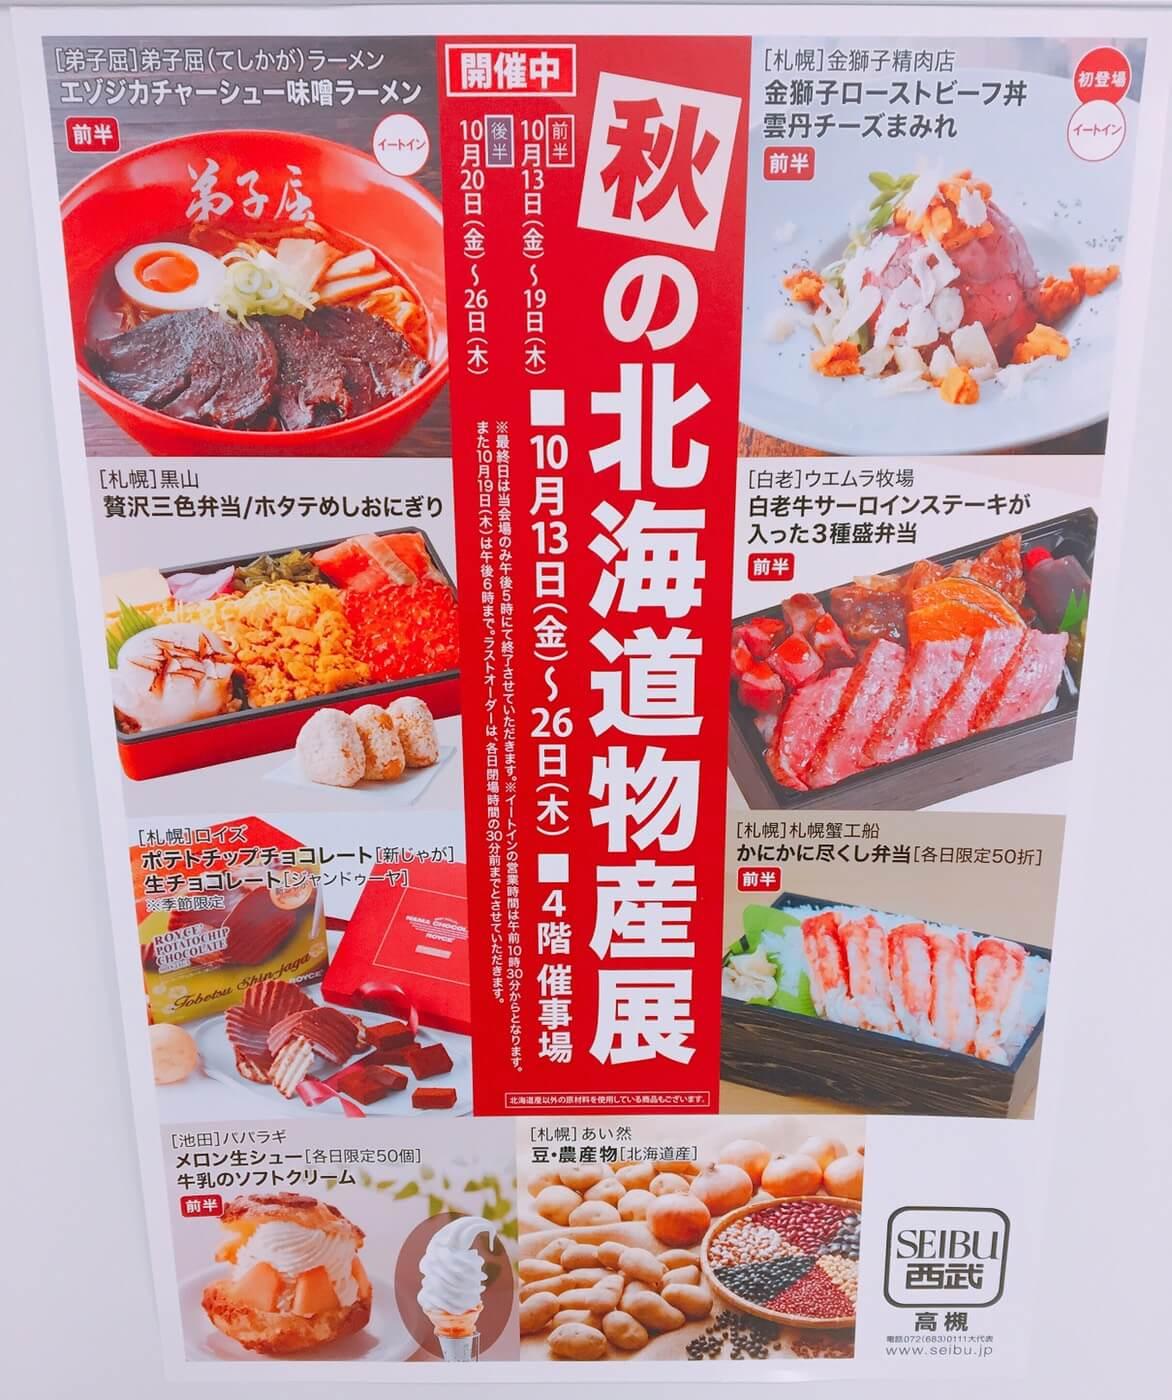 高槻西武(高槻阪急百貨店)の北海道物産展はウニ&イクラやルタオまで